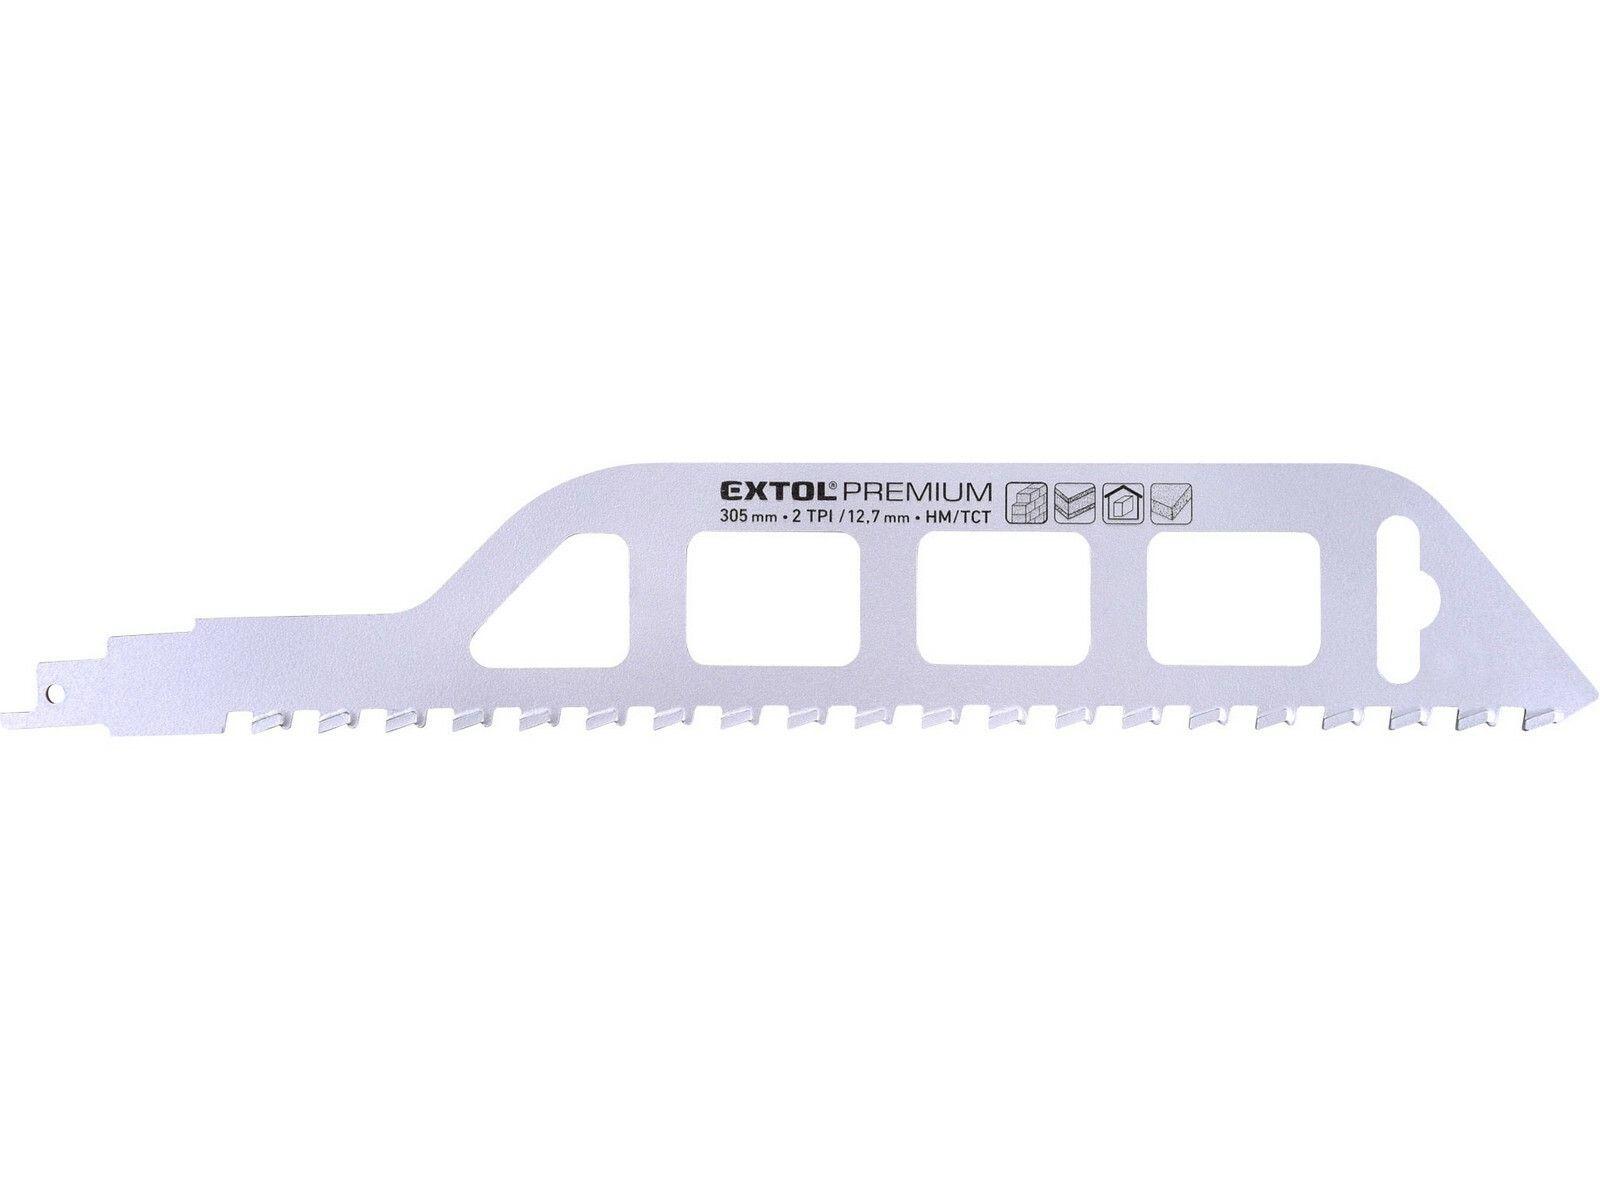 Plátek do pily ocasky s SK zuby, 305x50x1,5mm EXTOL-PREMIUM